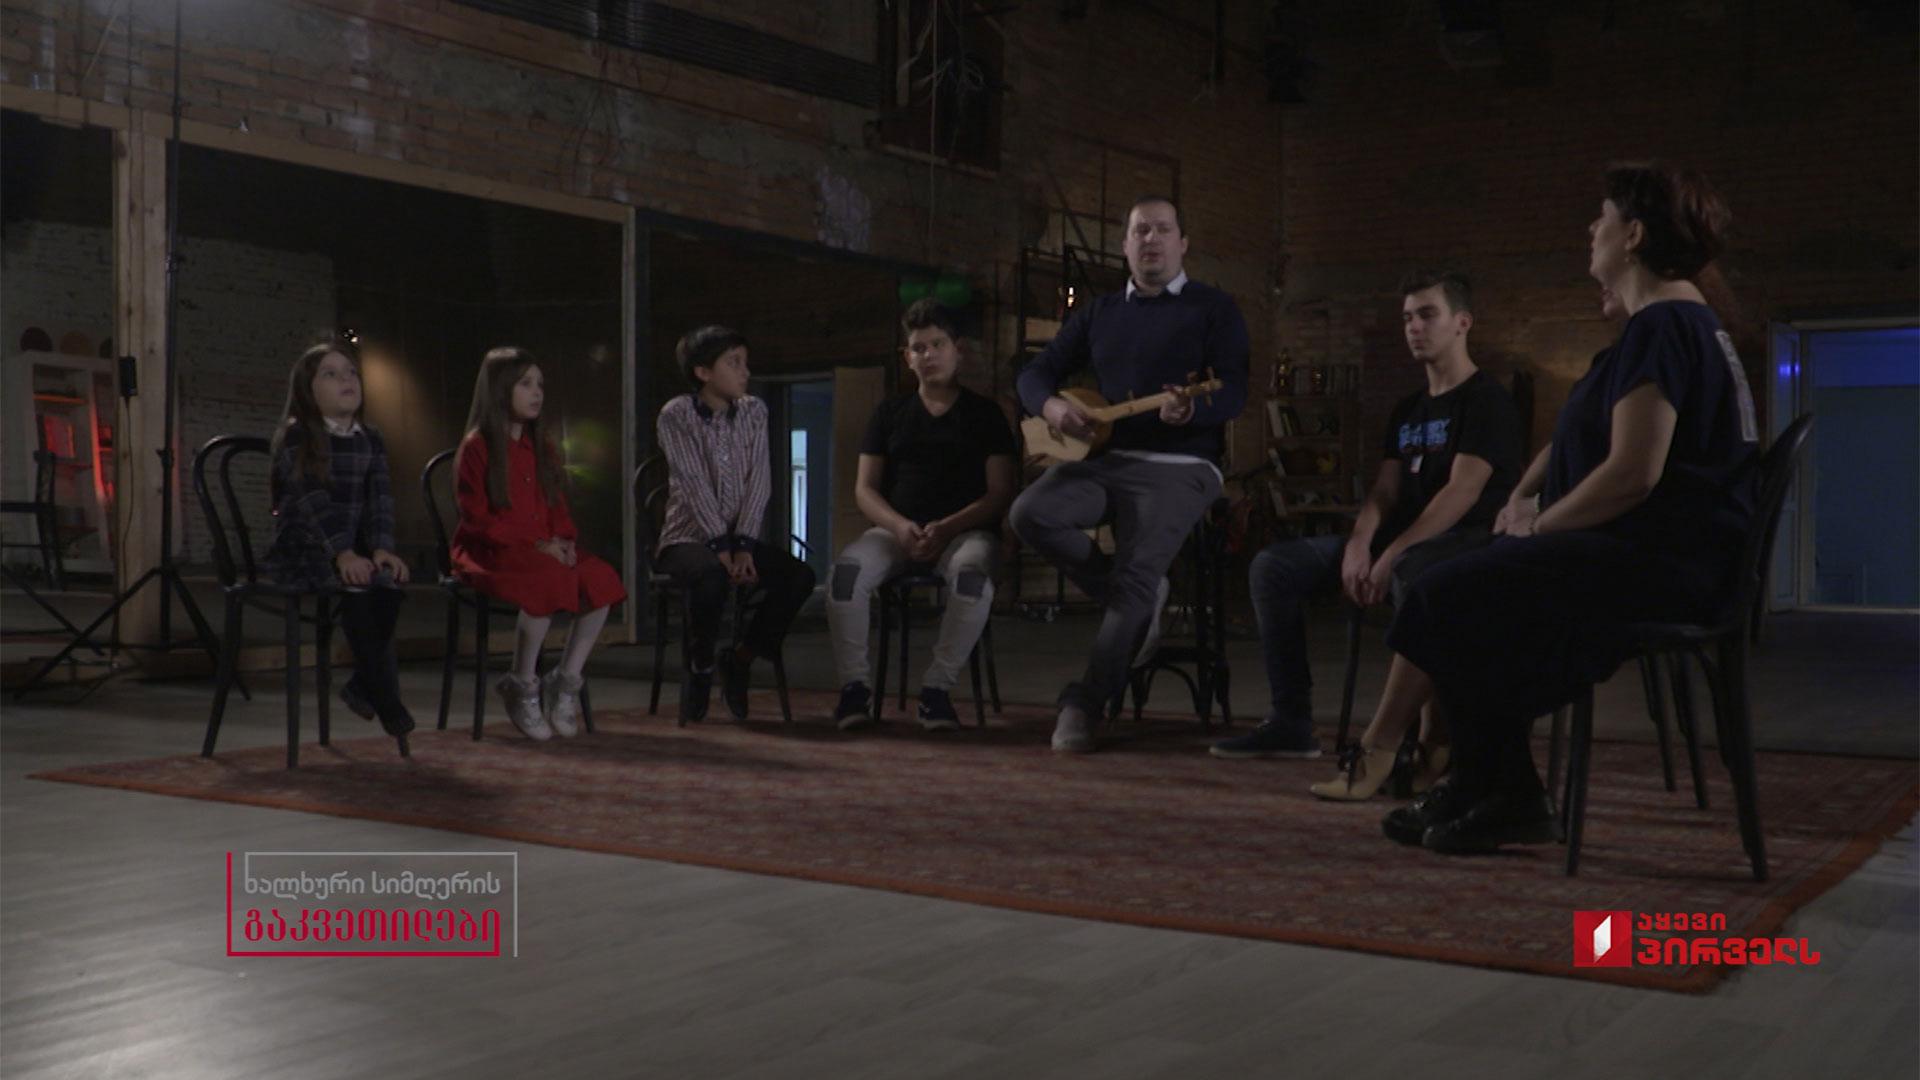 """ხალხური სიმღერის გაკვეთილები - ურუშაძეების ოჯახი - """"შალვა ჩემო"""""""